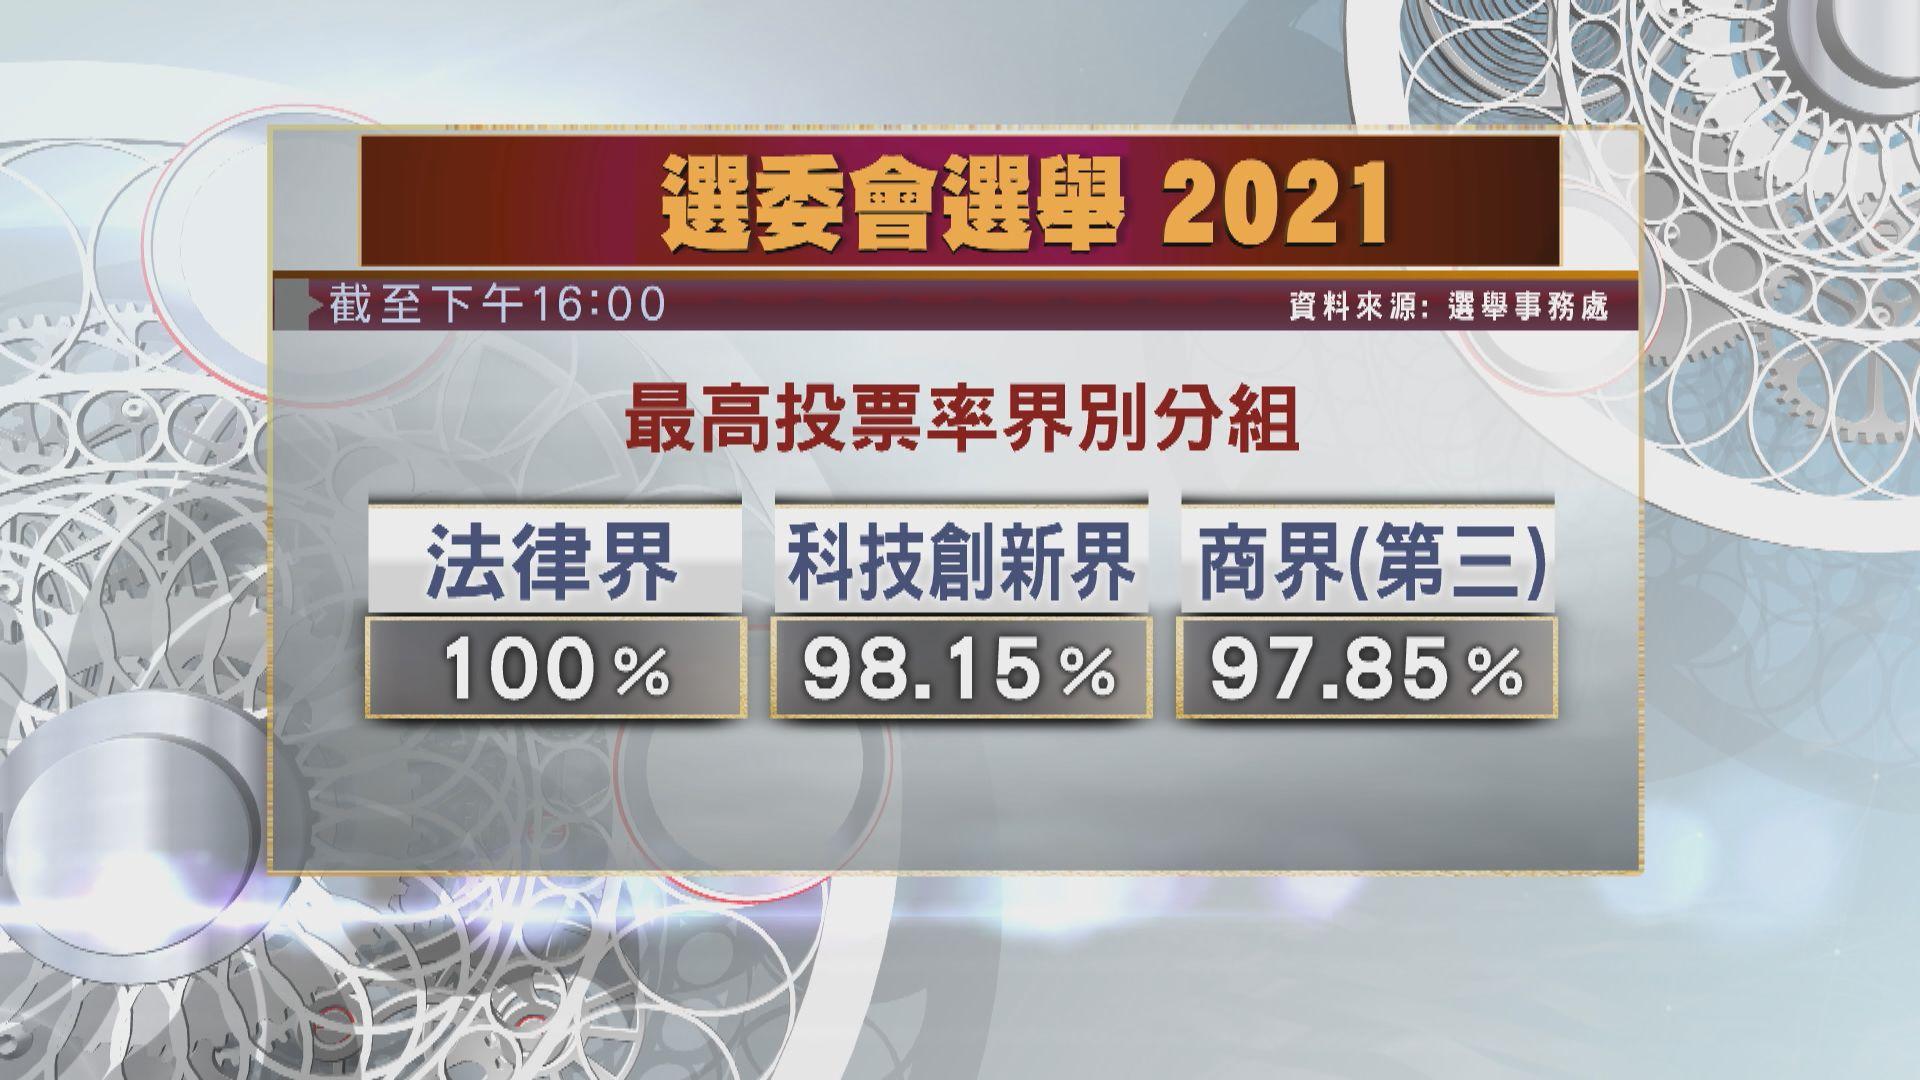 【選委會選舉】截至下午4時投票率逾八成